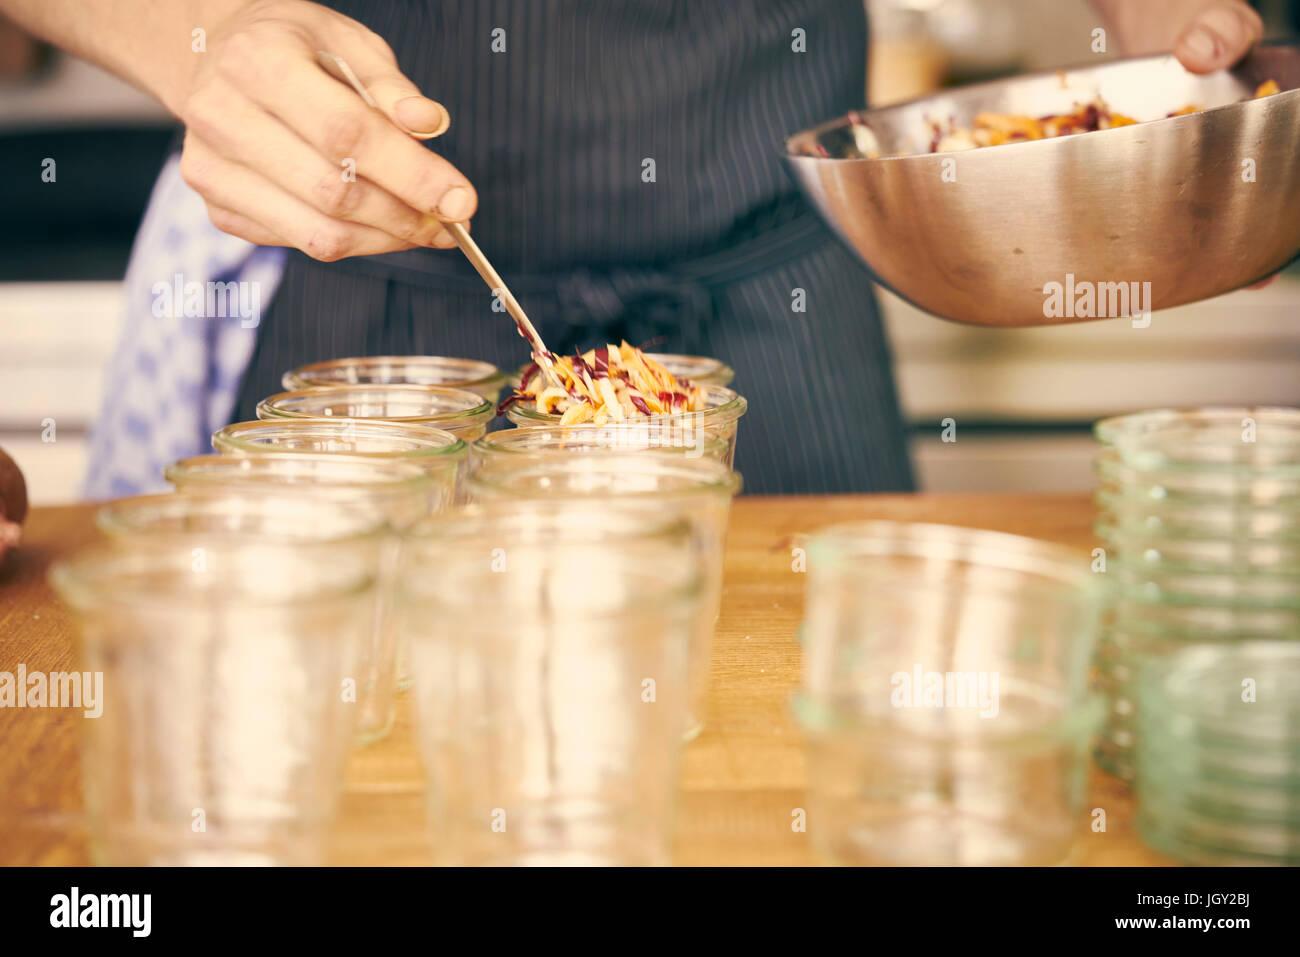 Chef di riempimento di contenitori in plastica con porzioni di cibo Immagini Stock